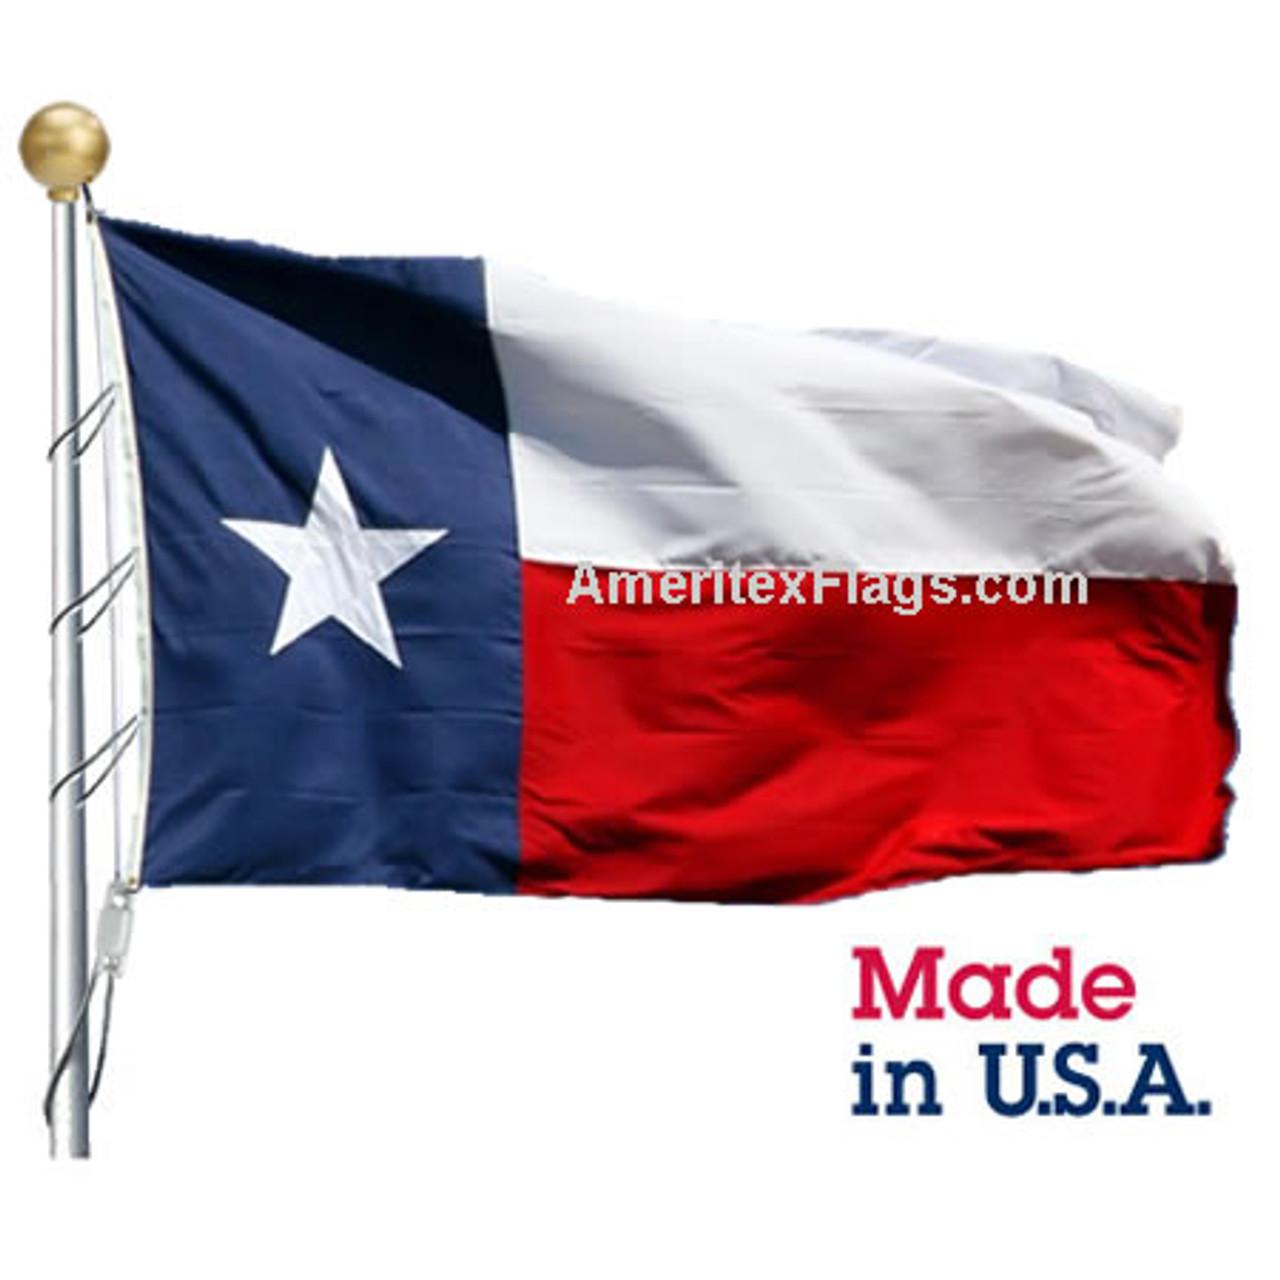 20' x 38' Nylon Texas Flag